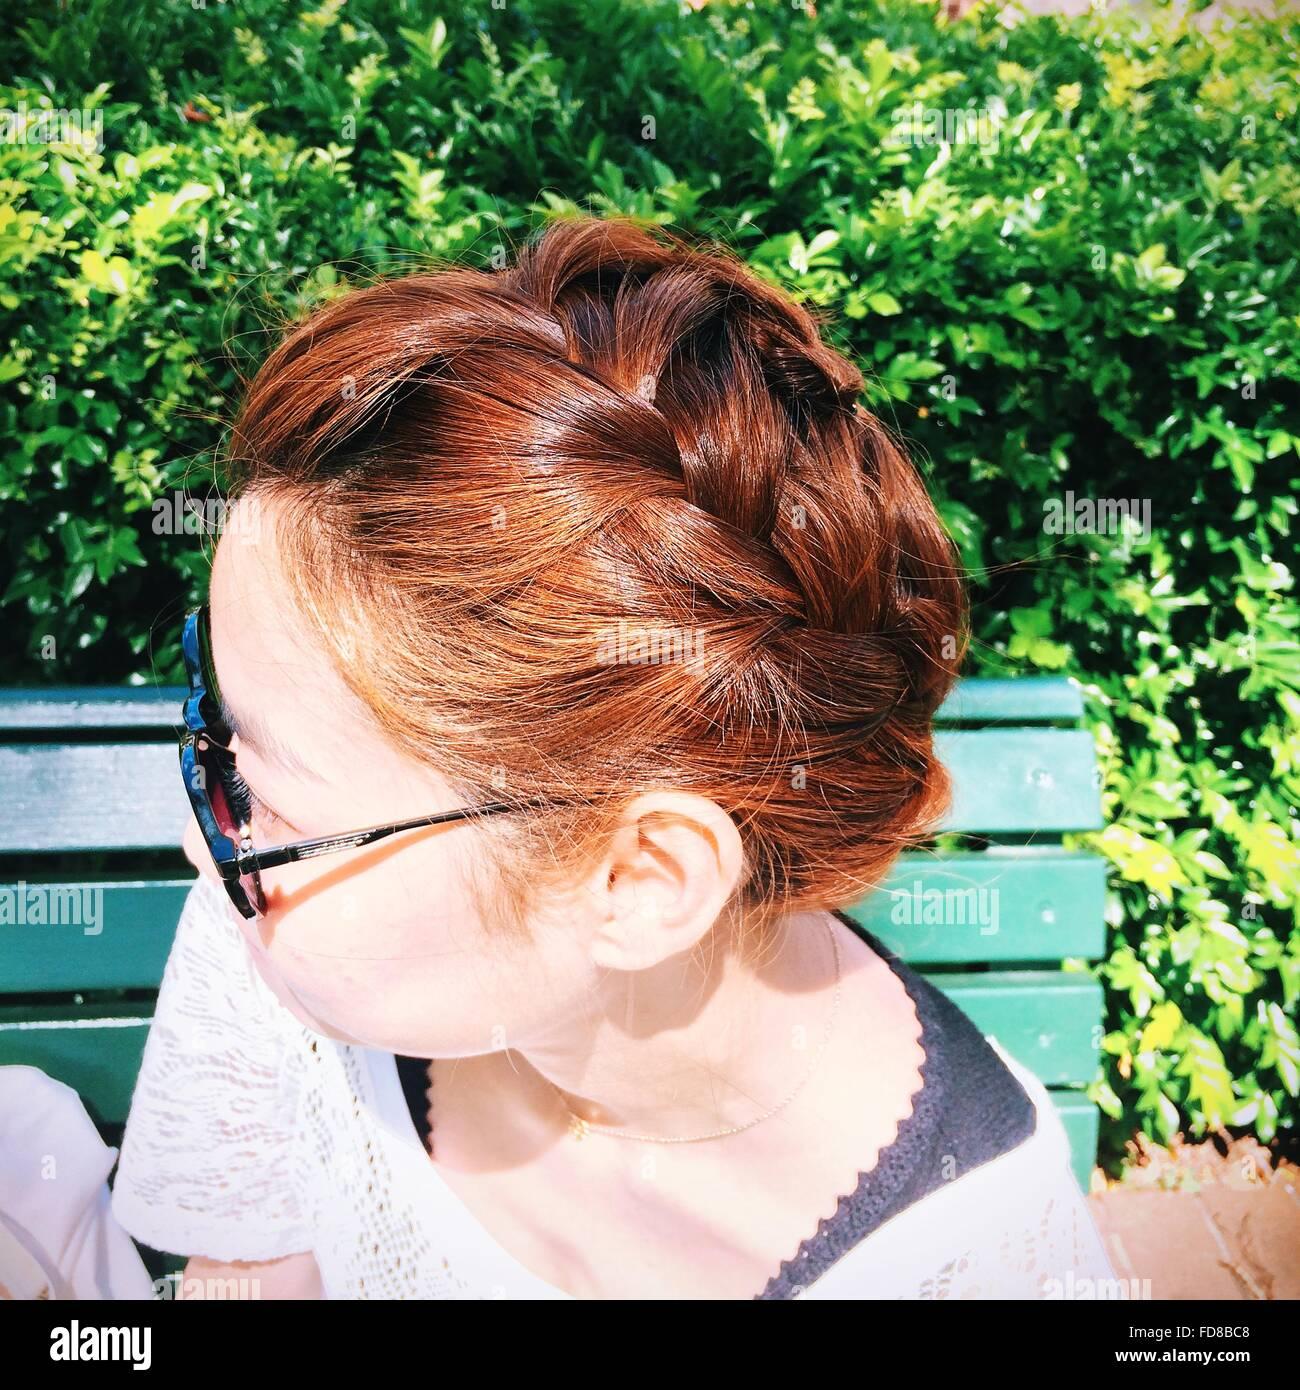 Vista lateral de la Mujer con el cabello trenzado, con Gafas de sol Imagen De Stock